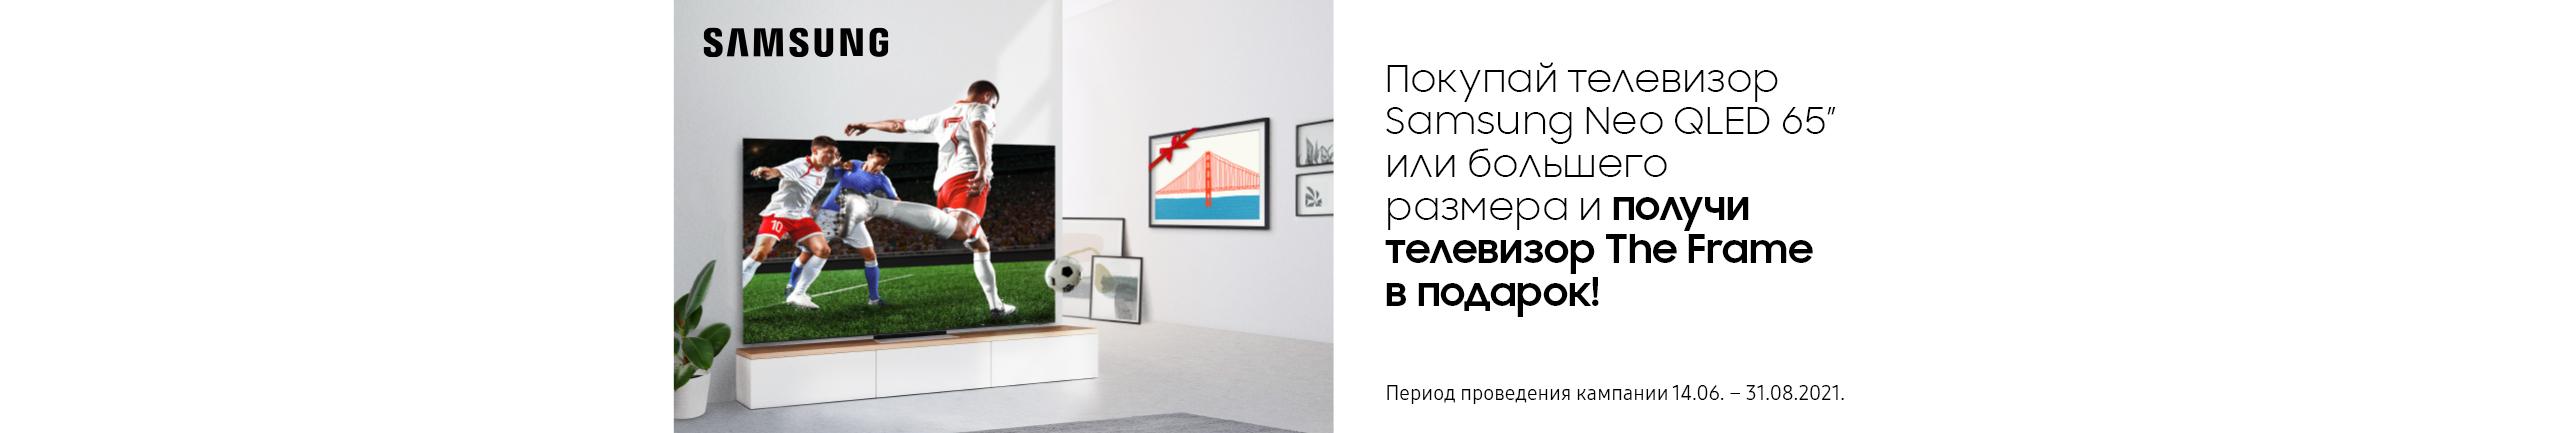 """Купите телевизор Samsung Neo QLED 65"""" или больше и получите в подарок телевизор The Frame!"""